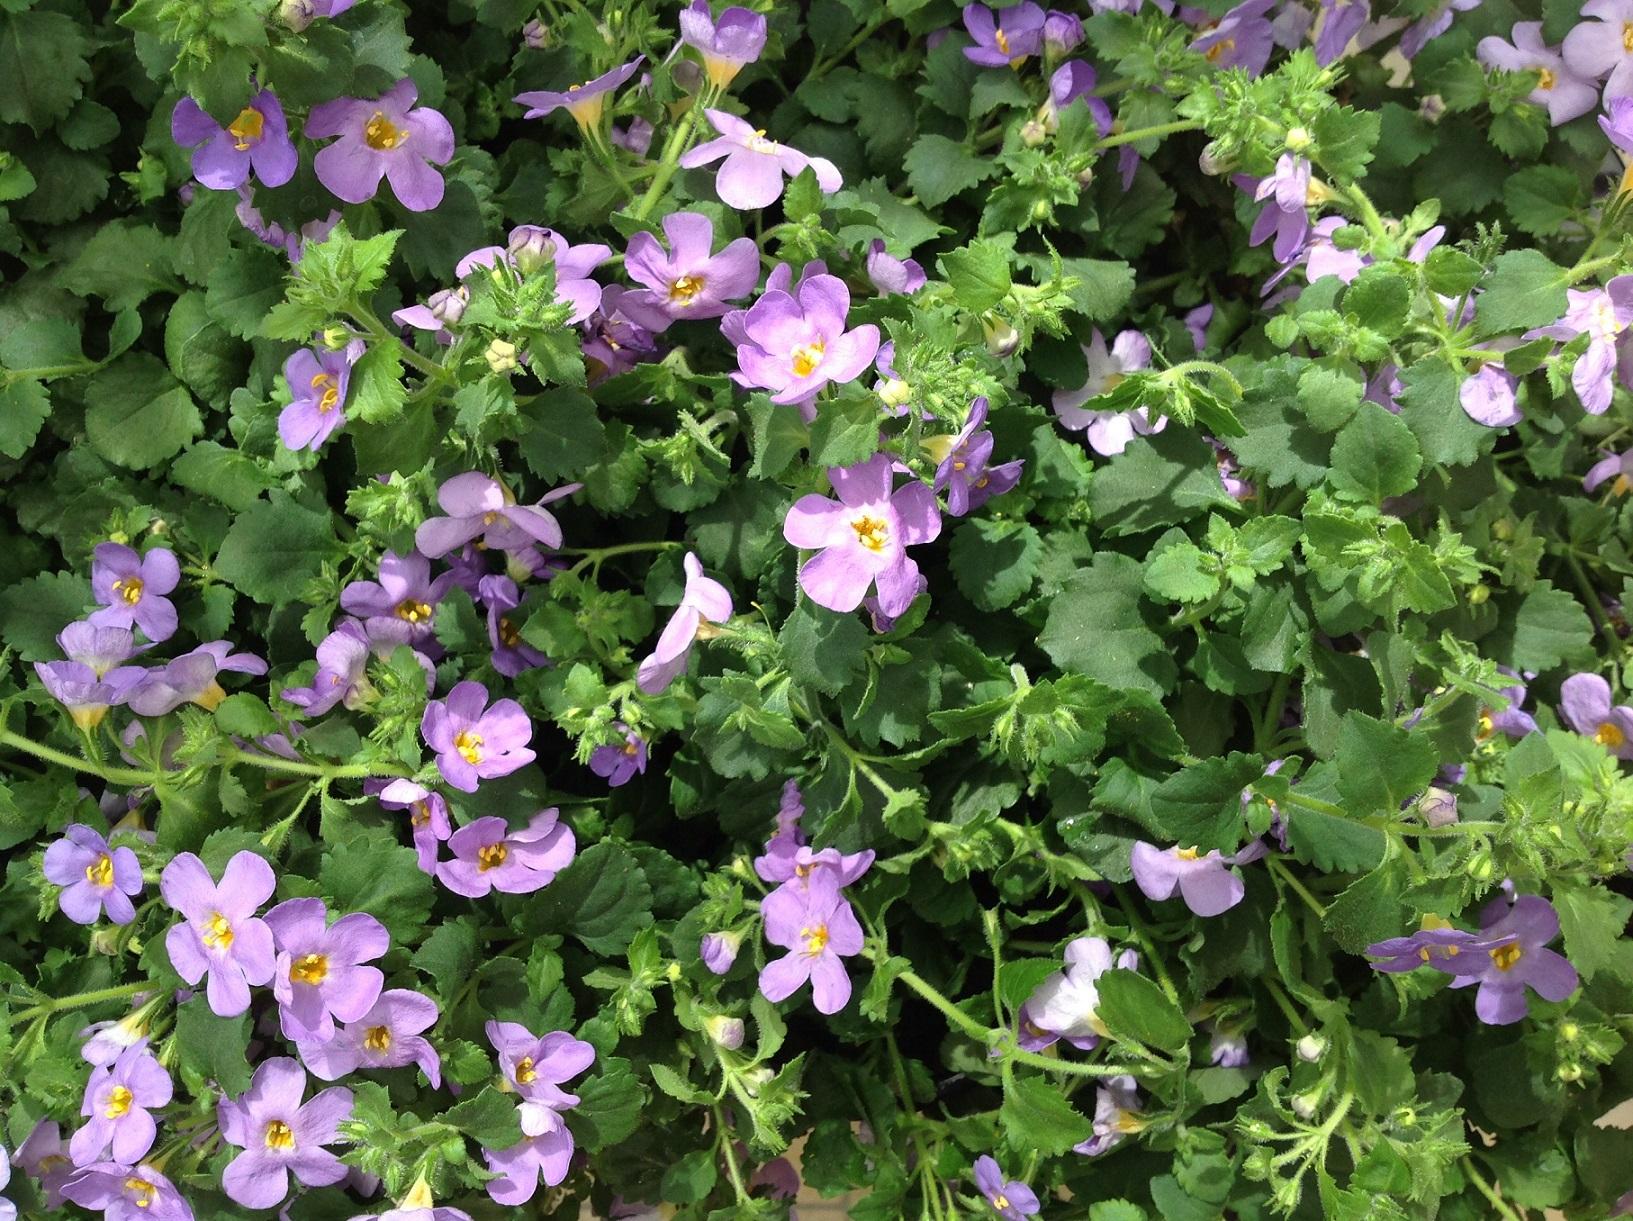 BLUMEN-RAMPP-Sommerblumen